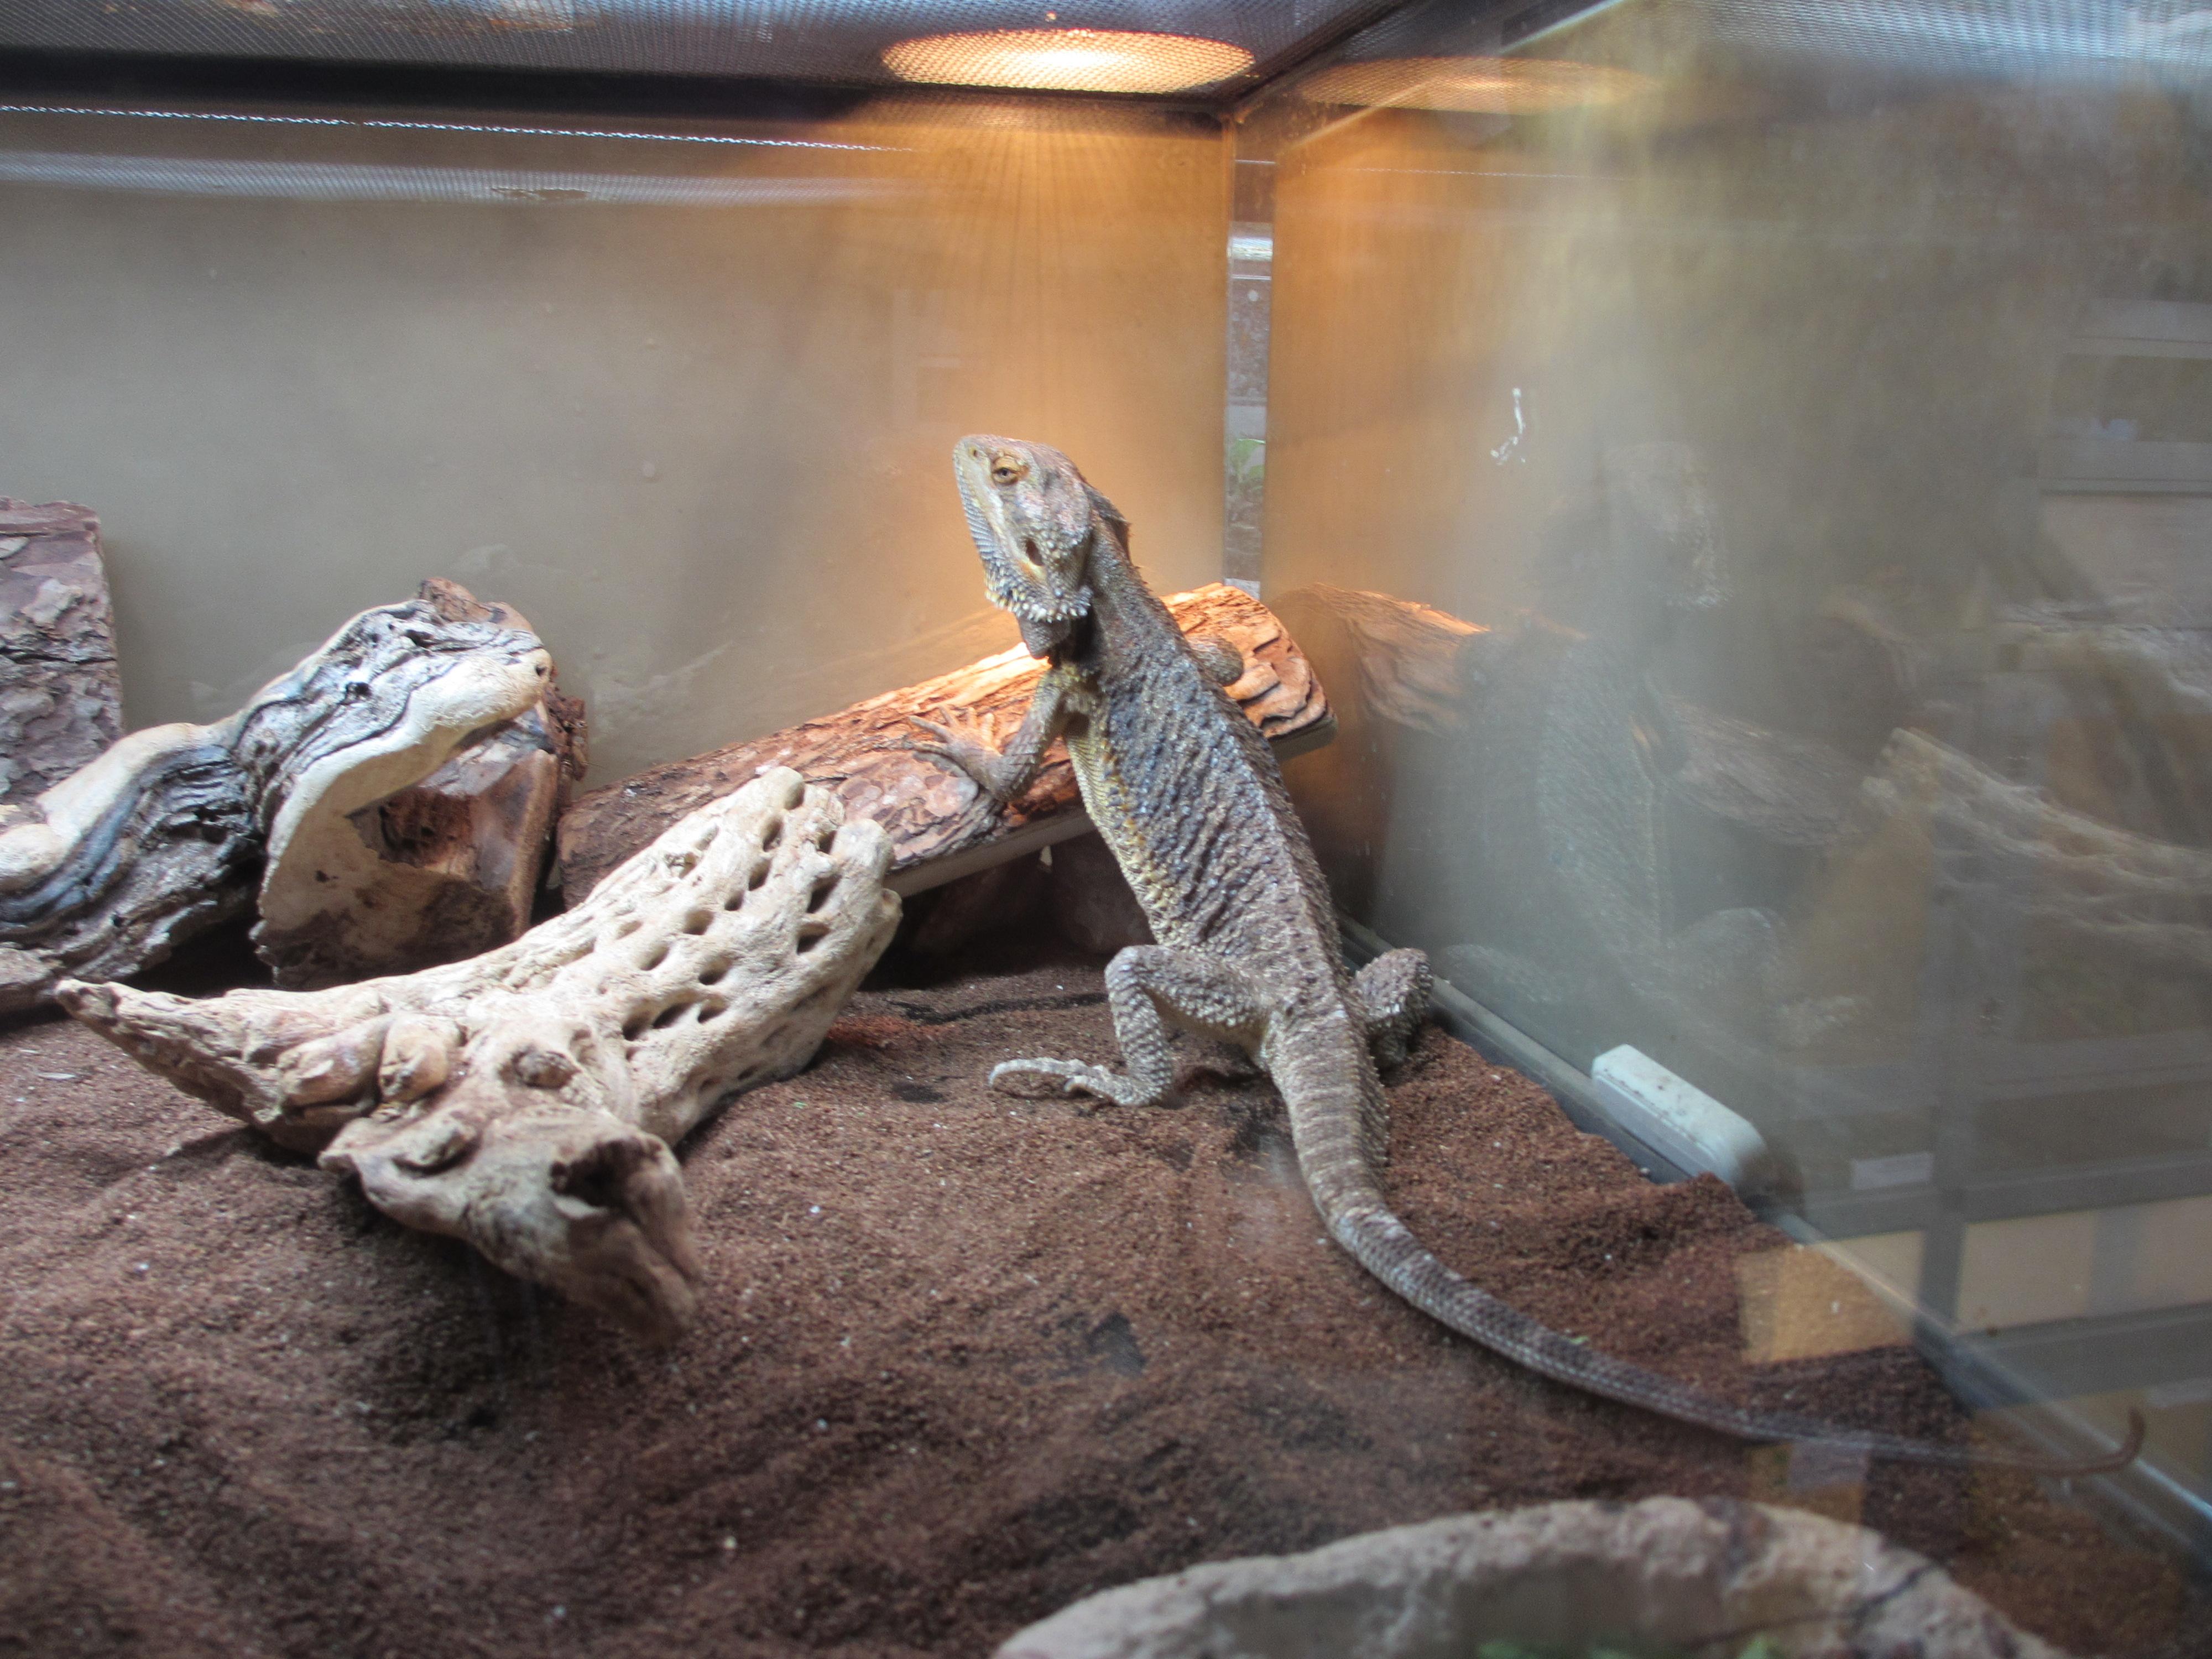 Kalamazoo Reptile Show